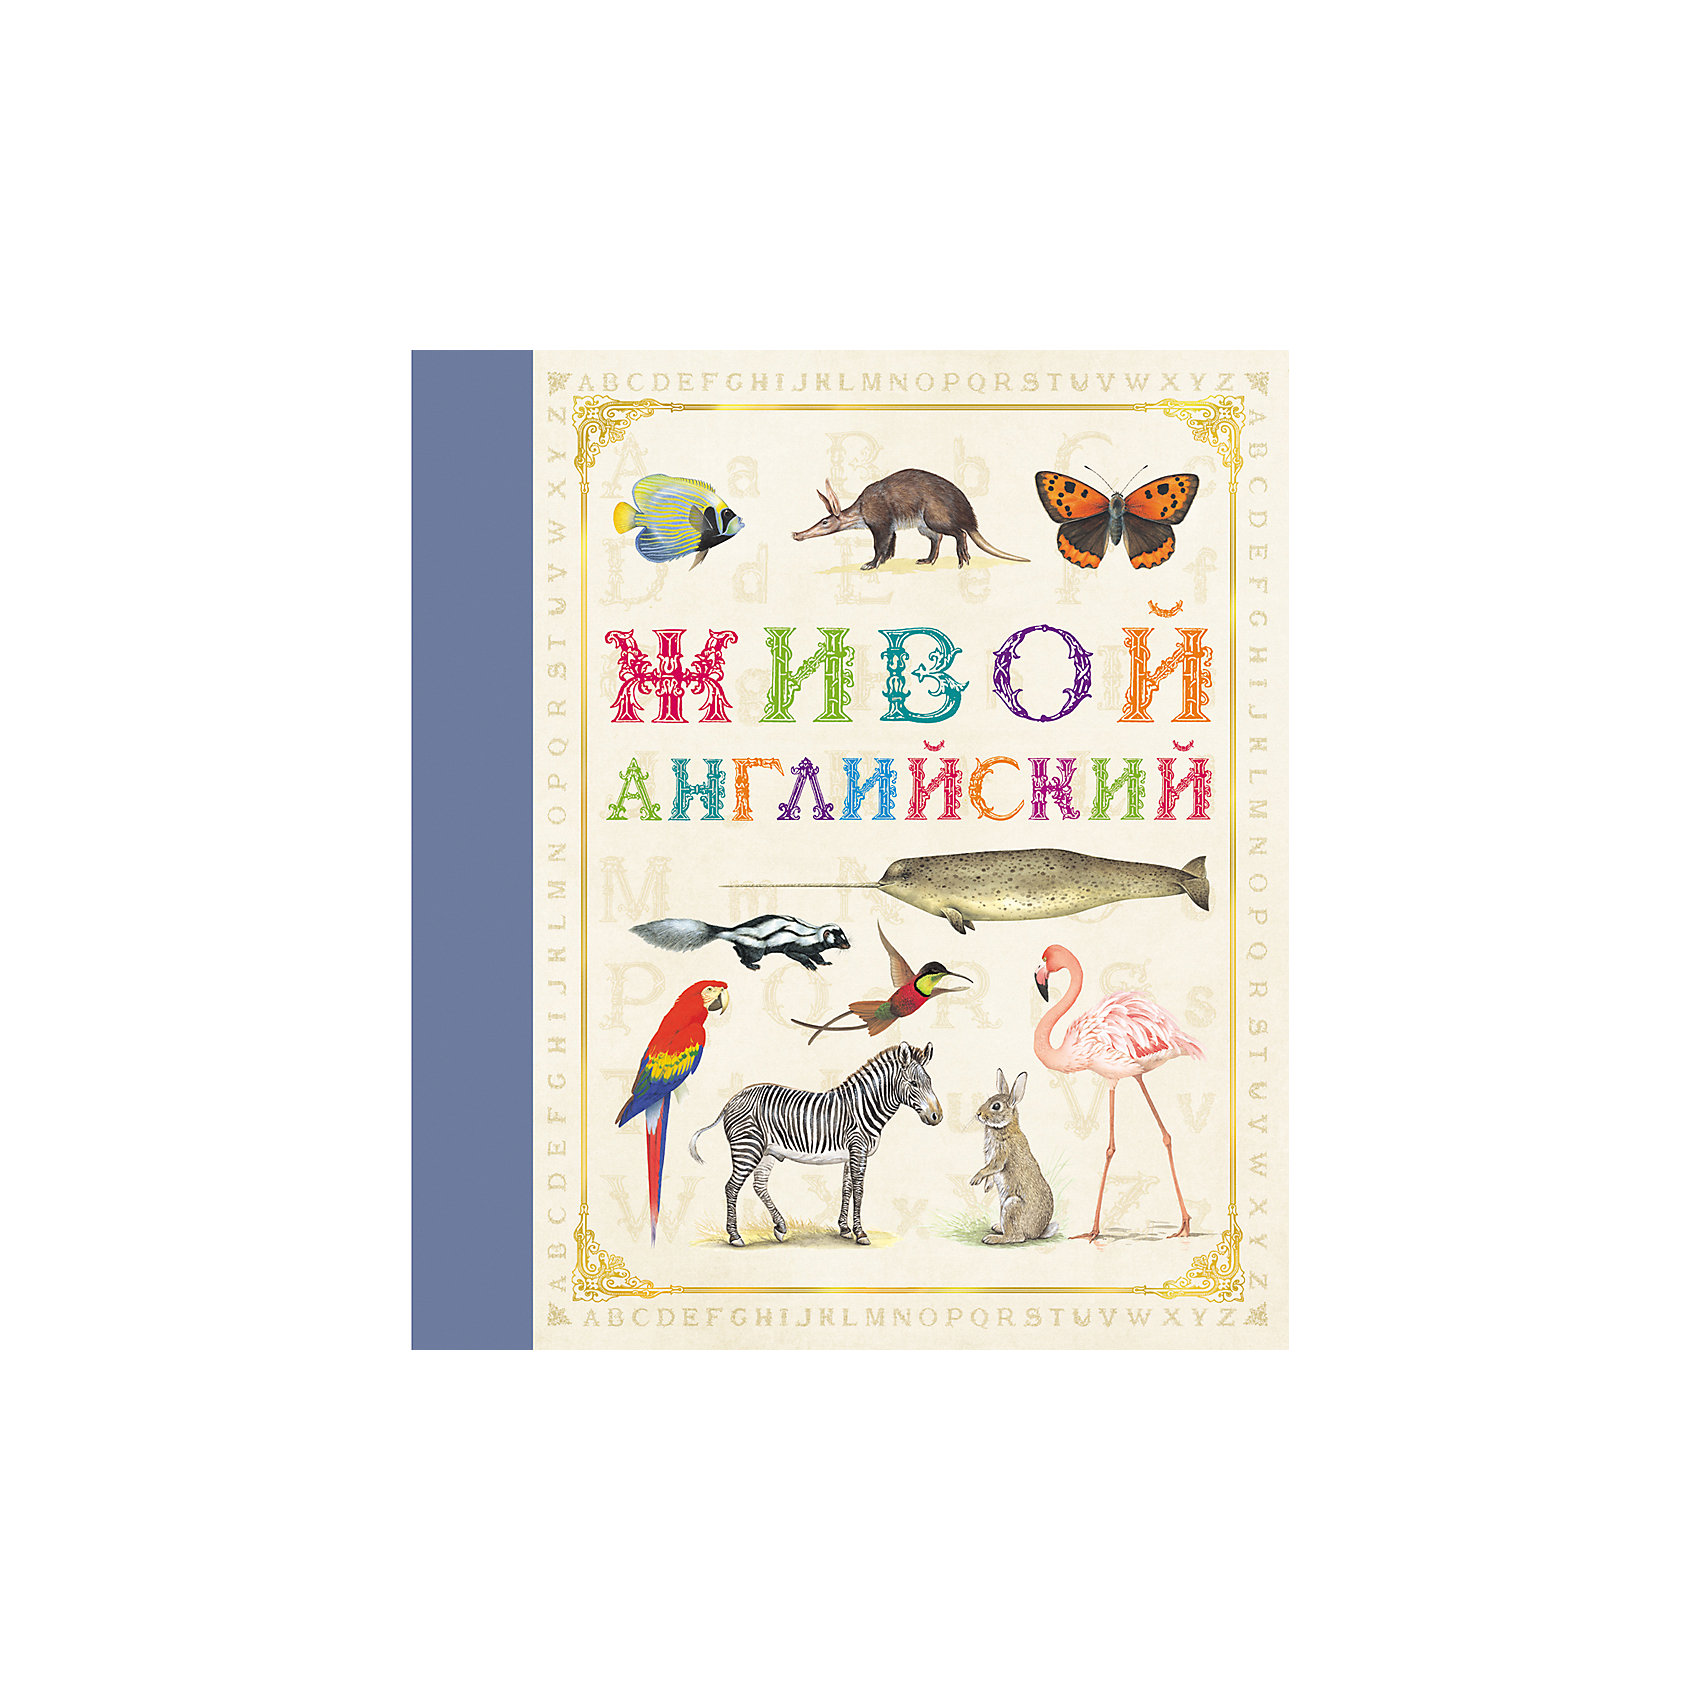 Живой английскийХарактеристики товара:<br><br>- цвет: разноцветный;<br>- материал: бумага;<br>- страниц: 32;<br>- формат: 24 х 21 см;<br>- обложка: твердая;<br>- цветные иллюстрации.<br><br>Эта интересная книга с иллюстрациями станет отличным подарком для ребенка. Она содержит в себе яркие картинки, которые помогут малышам познакомиться со многими животными, а также пояснения к ним. Плюс - малыш сможет легко выучить английский алфавит. В книге - море полезной информации для ребенка!<br>Чтение и рассматривание картинок помогает ребенку развивать зрительную память, концентрацию внимания и воображение. Издание произведено из качественных материалов, которые безопасны даже для самых маленьких.<br><br>Издание Живой английский от компании Росмэн можно купить в нашем интернет-магазине.<br><br>Ширина мм: 245<br>Глубина мм: 215<br>Высота мм: 7<br>Вес г: 265<br>Возраст от месяцев: 60<br>Возраст до месяцев: 84<br>Пол: Унисекс<br>Возраст: Детский<br>SKU: 5110167